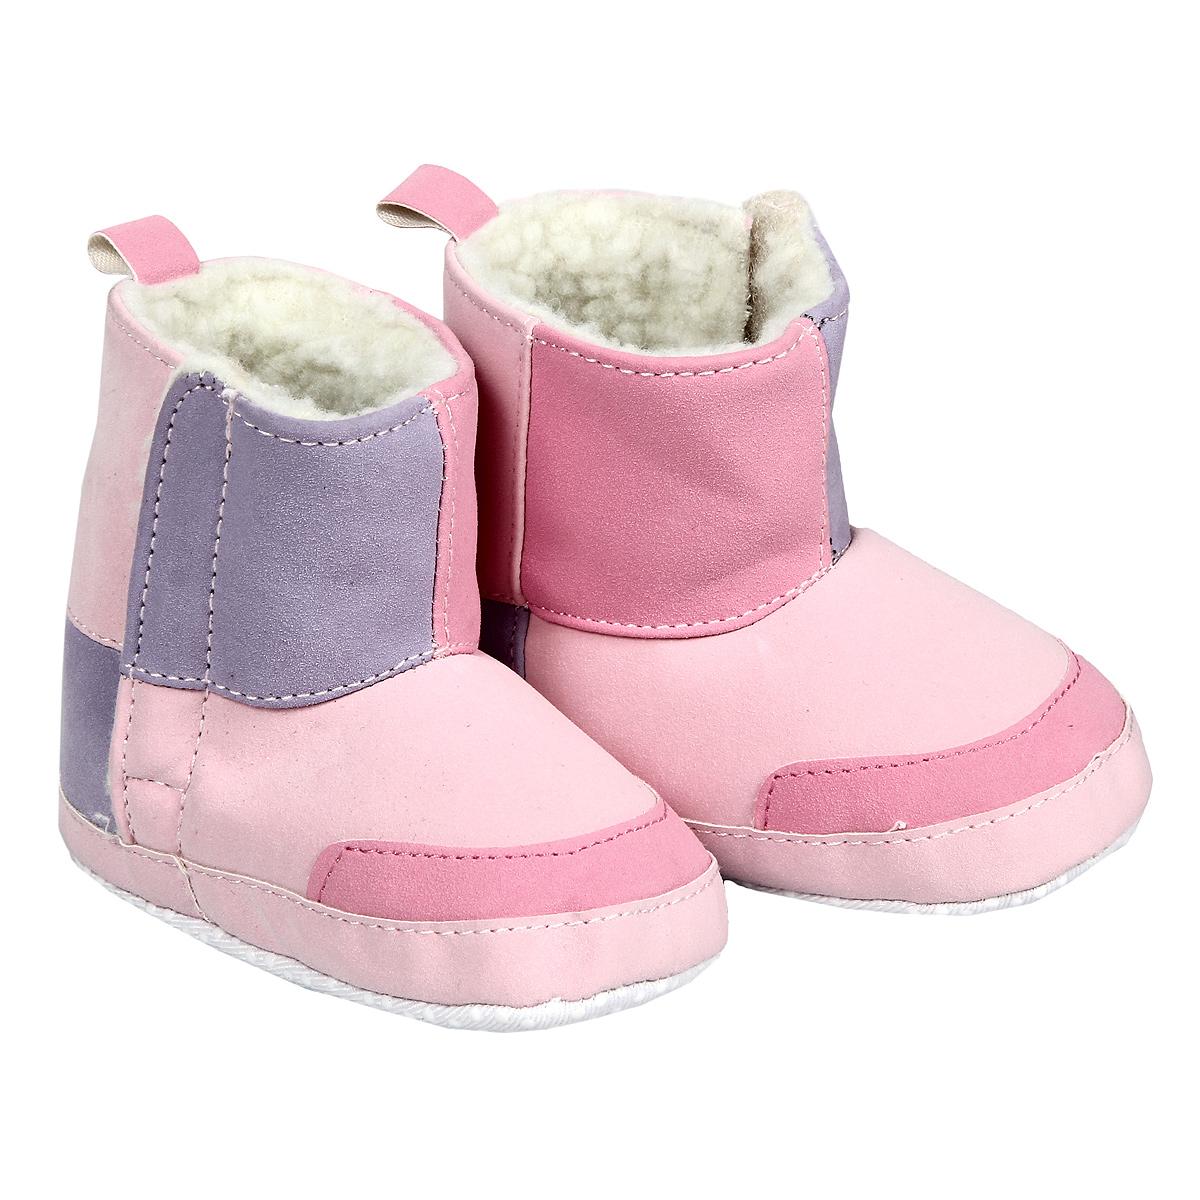 Пинетки для девочки Luvable Friends Угги, цвет: розовый. 11787. Размер 12/18мес emu australia гетры на угги